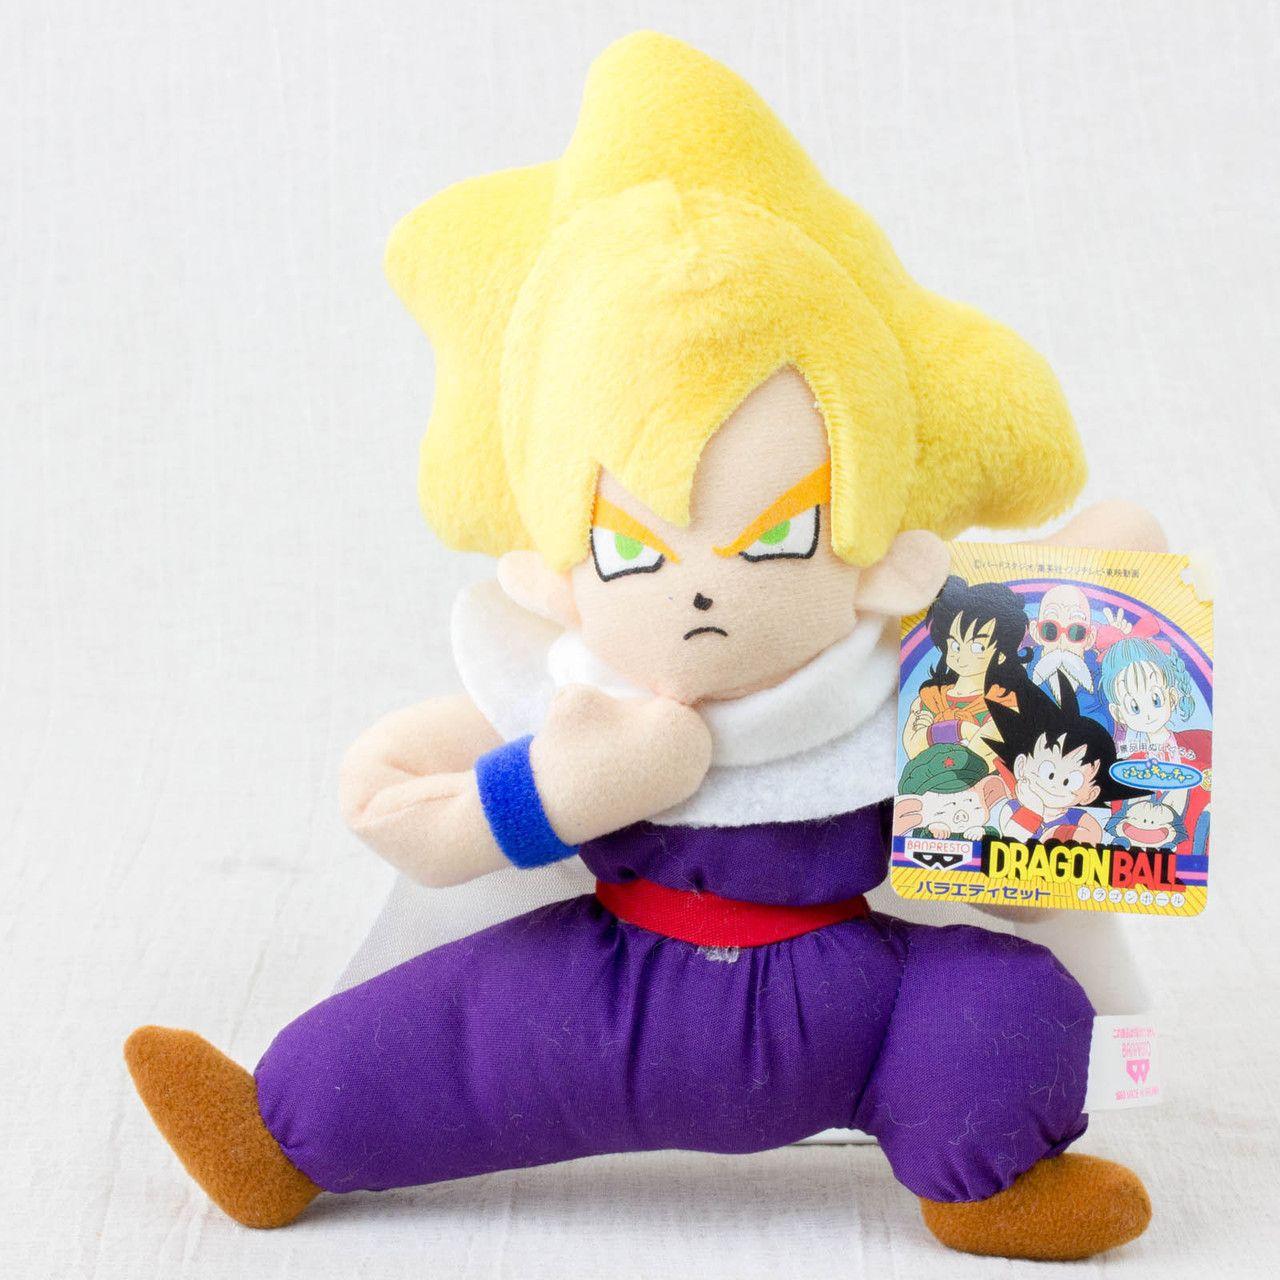 Dragon Ball Z S.S. Son Gohan Plush Doll Figure Banpresto JAPAN ANIME ...